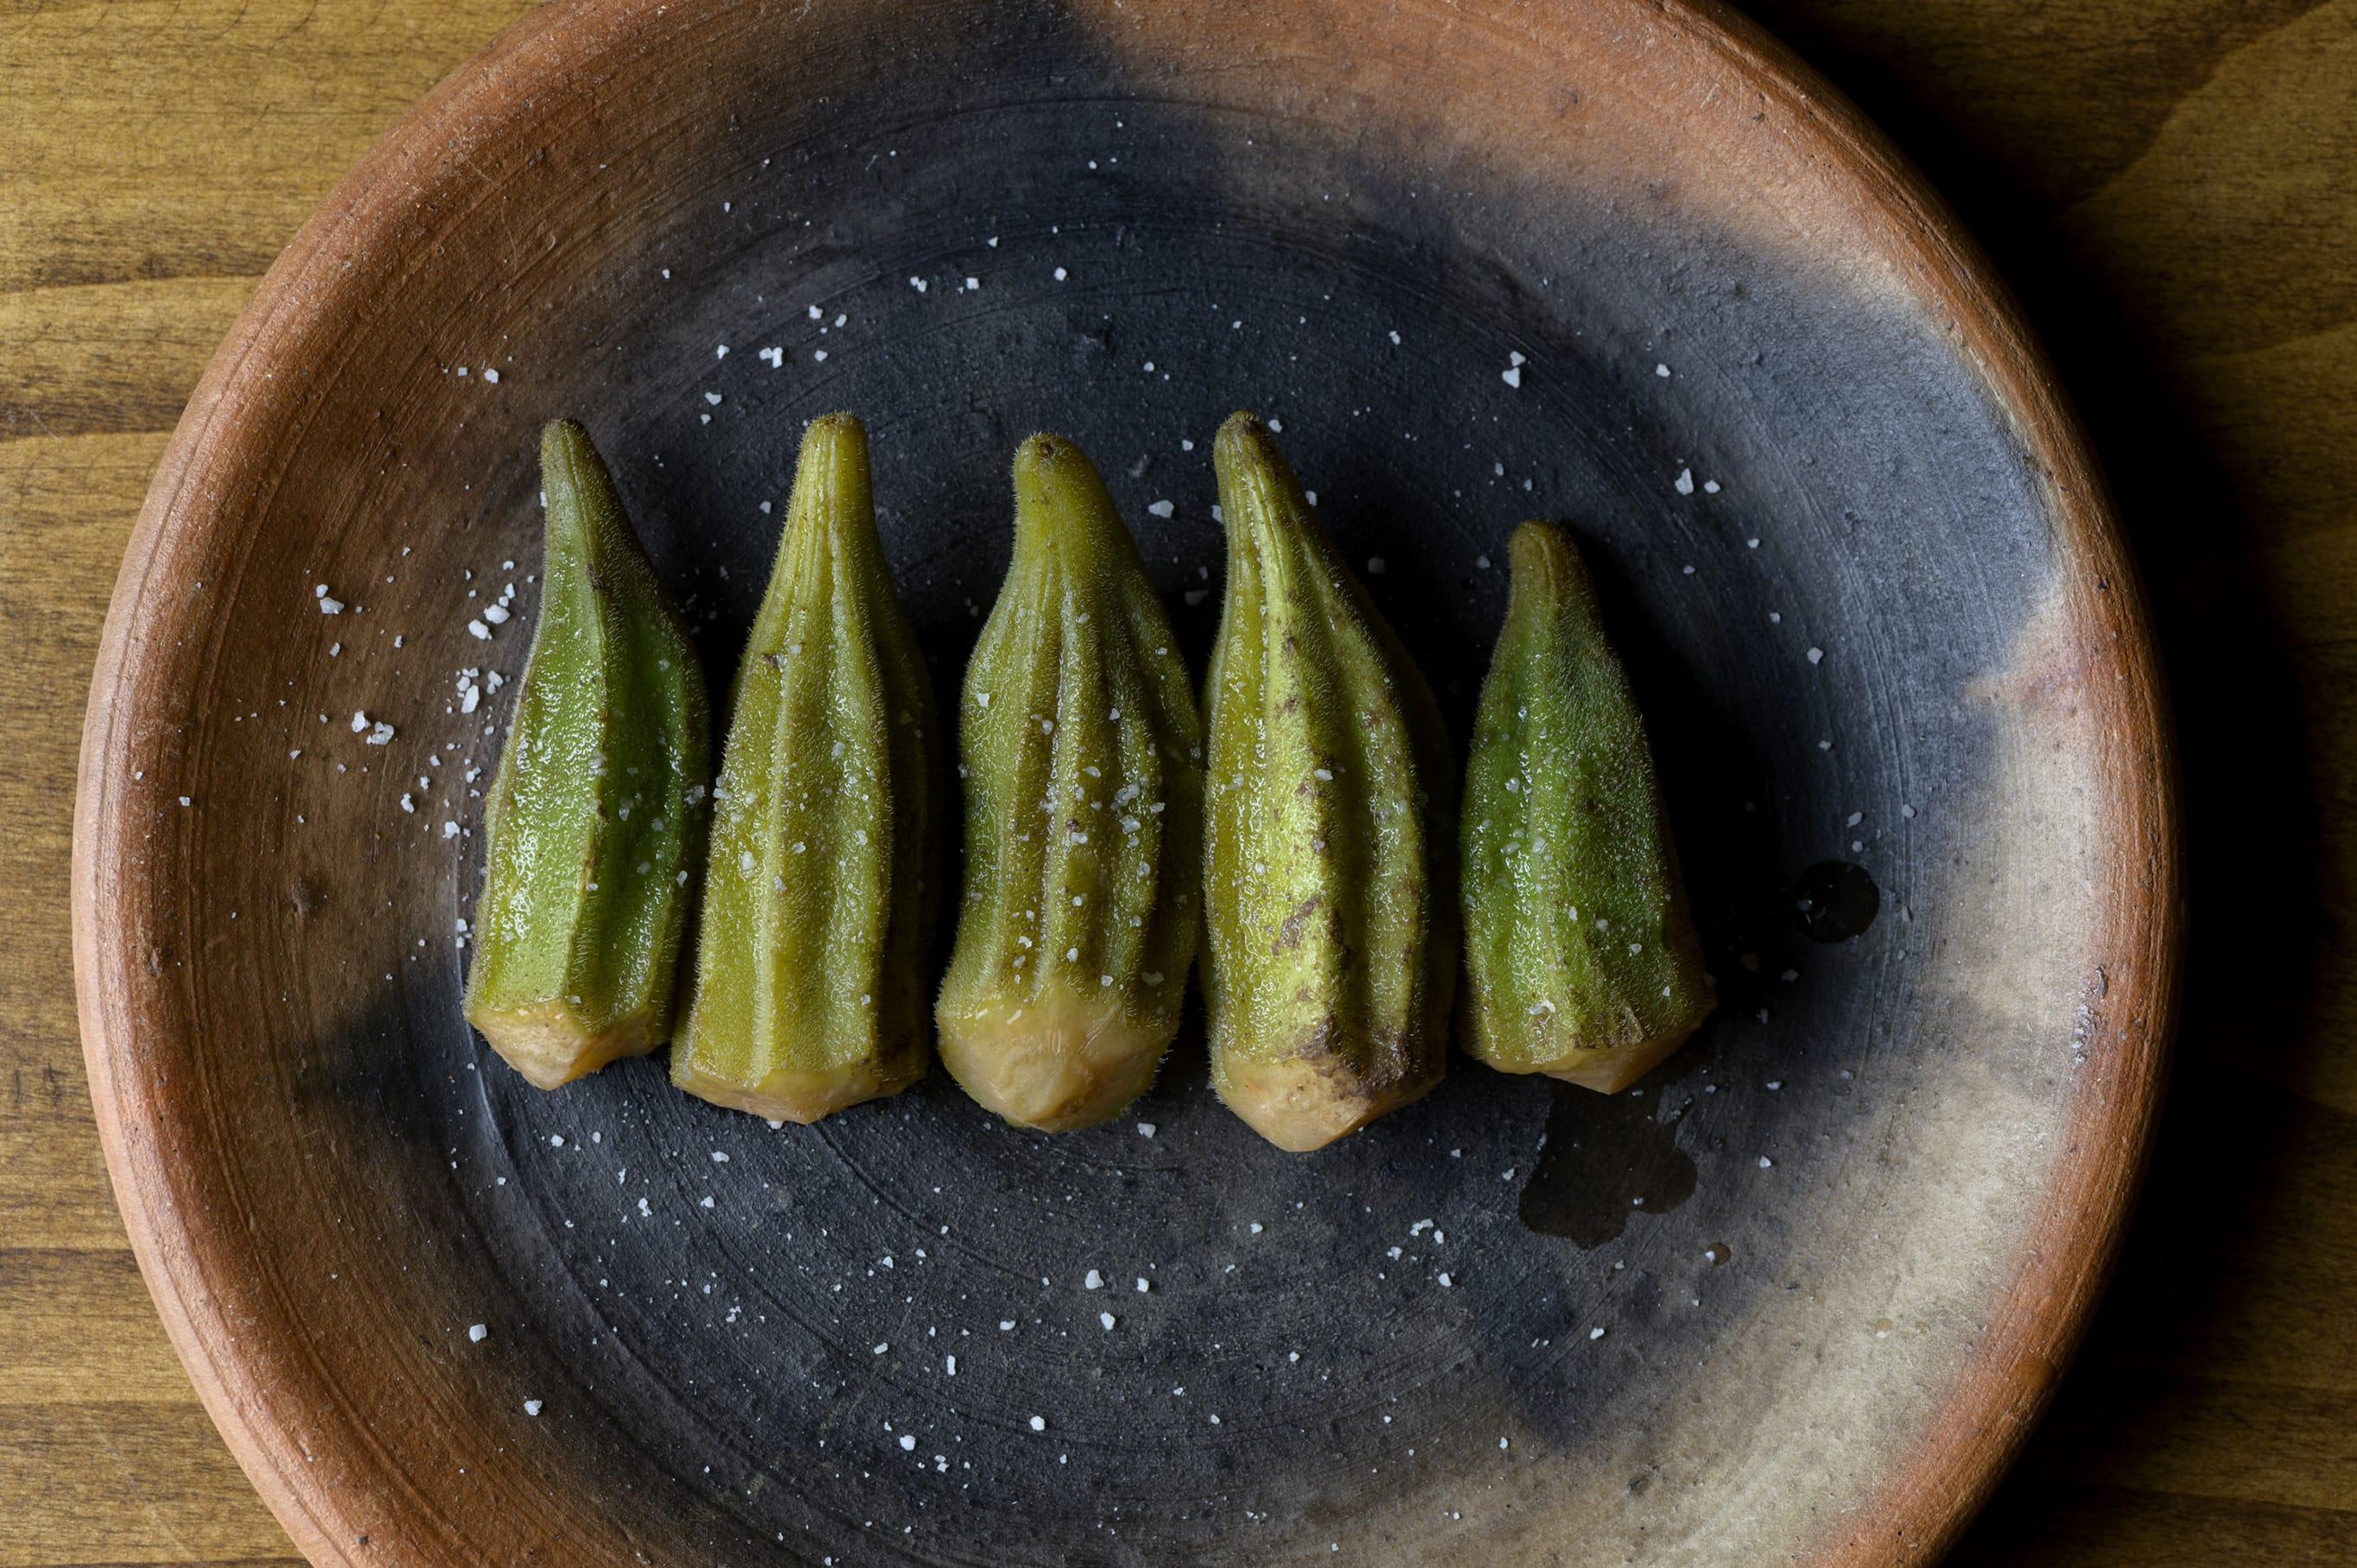 土器の鍋でゆで上げたオクラはとろけるような柔らかさ。